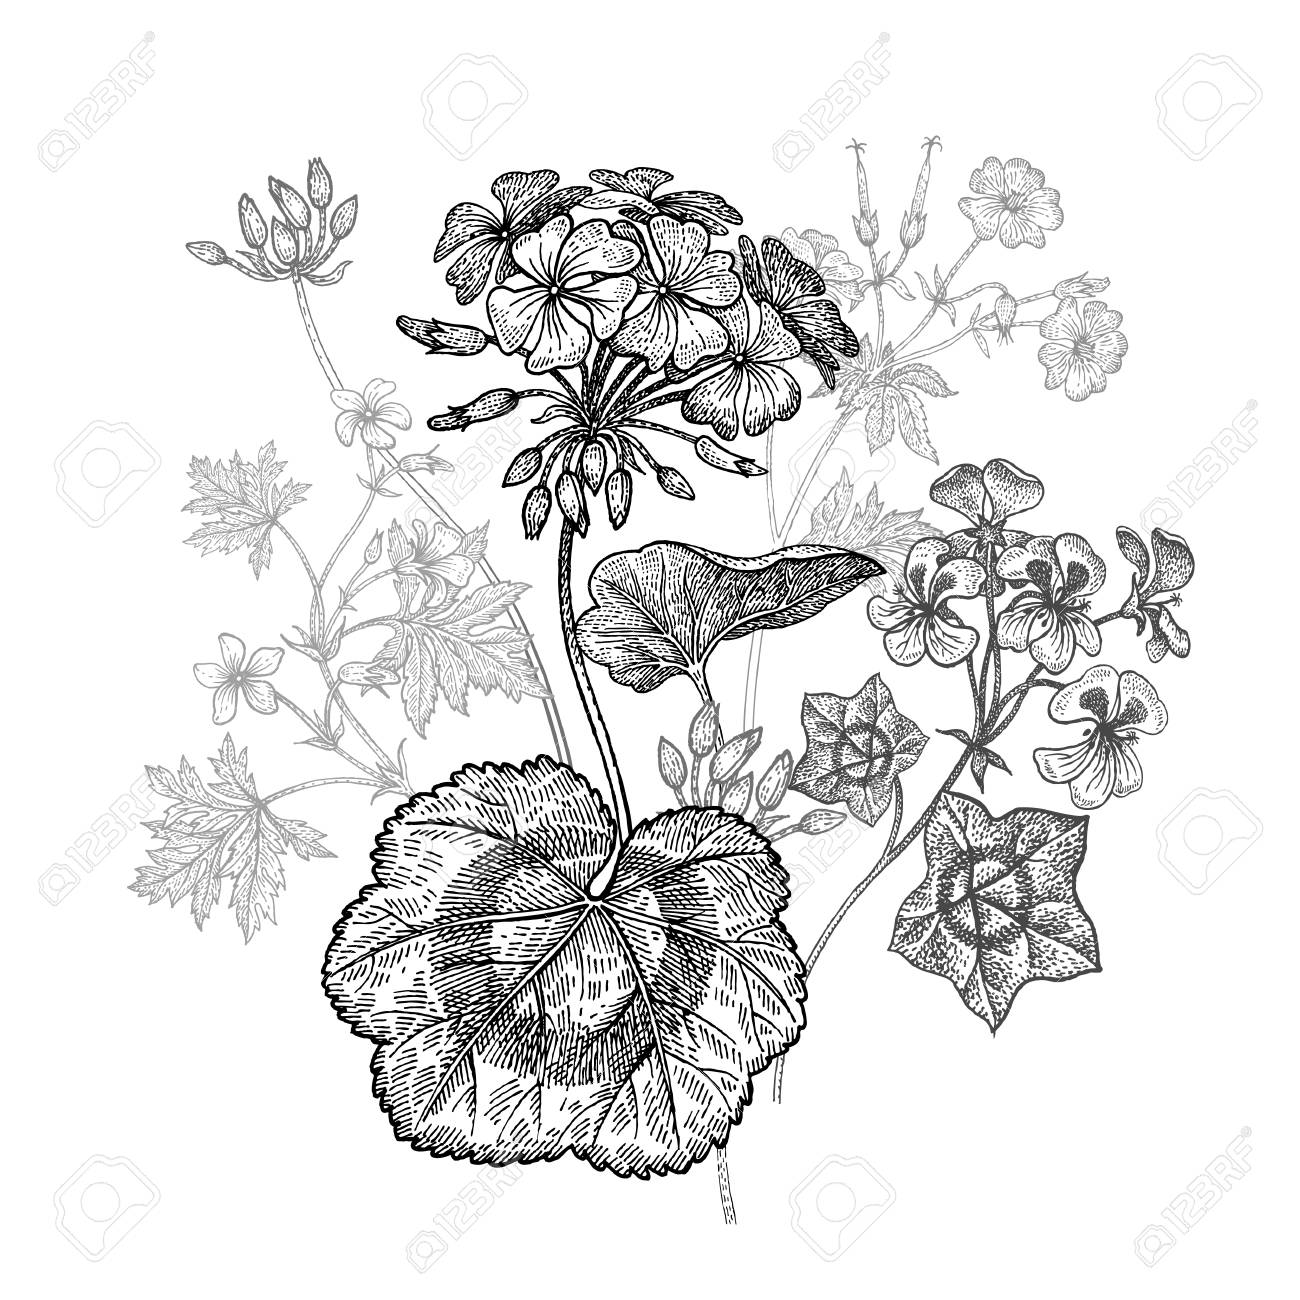 Geranium Ou Fleur De Jardin Pelargonium Bouquet Isole Sur Fond Blanc Dessin A La Main En Noir Et Blanc Illustration Vectorielle Art Gravure